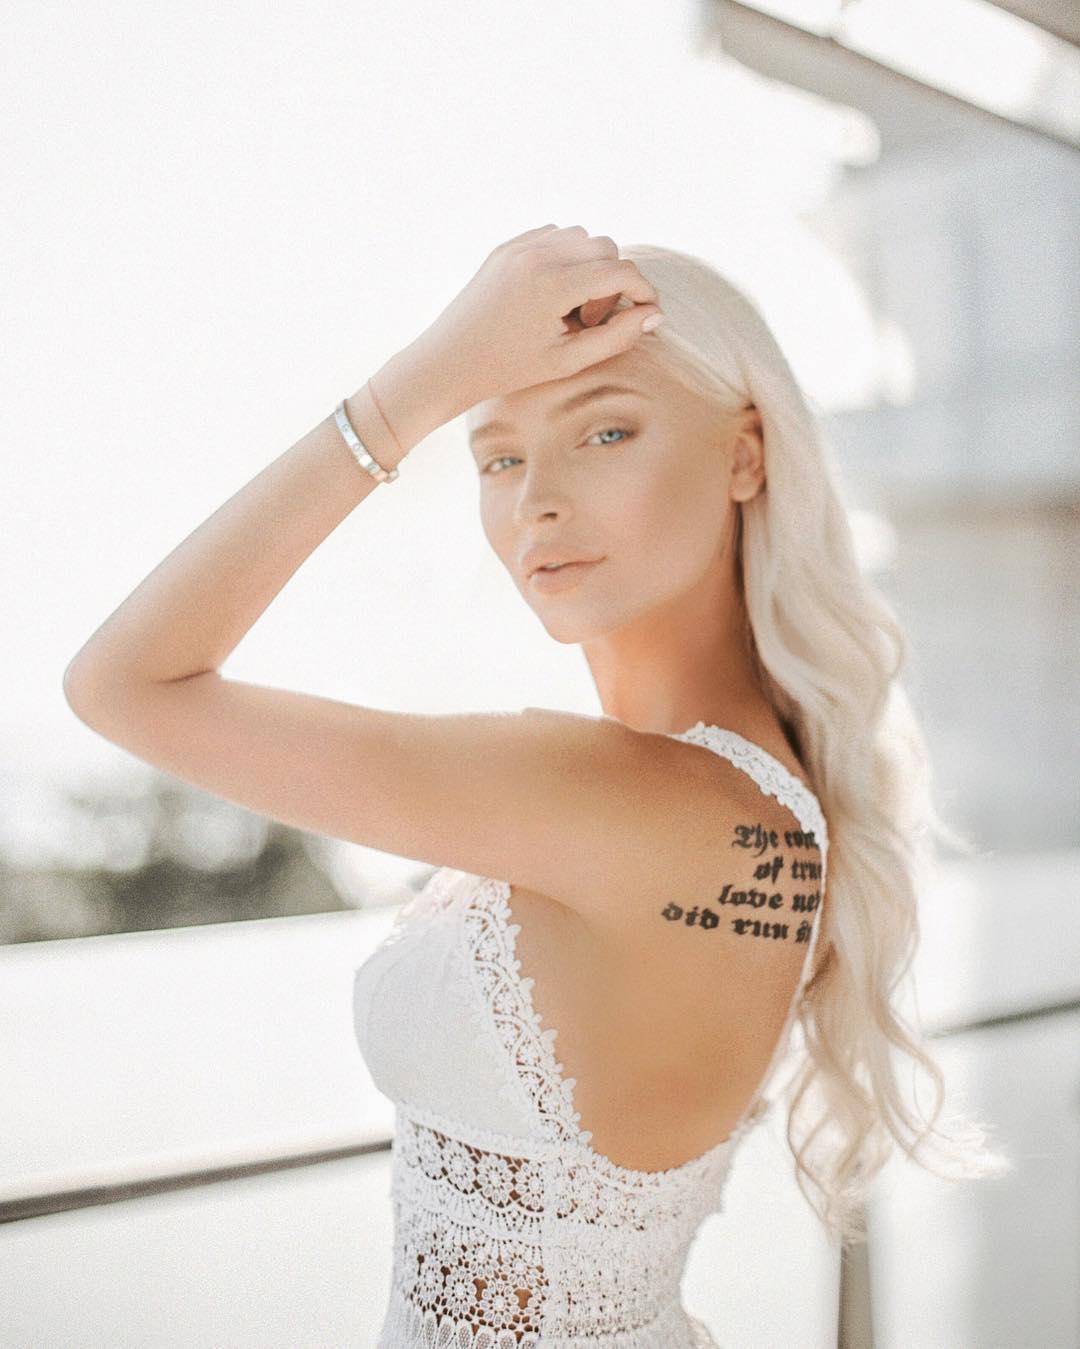 Восхитительная блондинка фото, зрелые женщины в теле фото видео